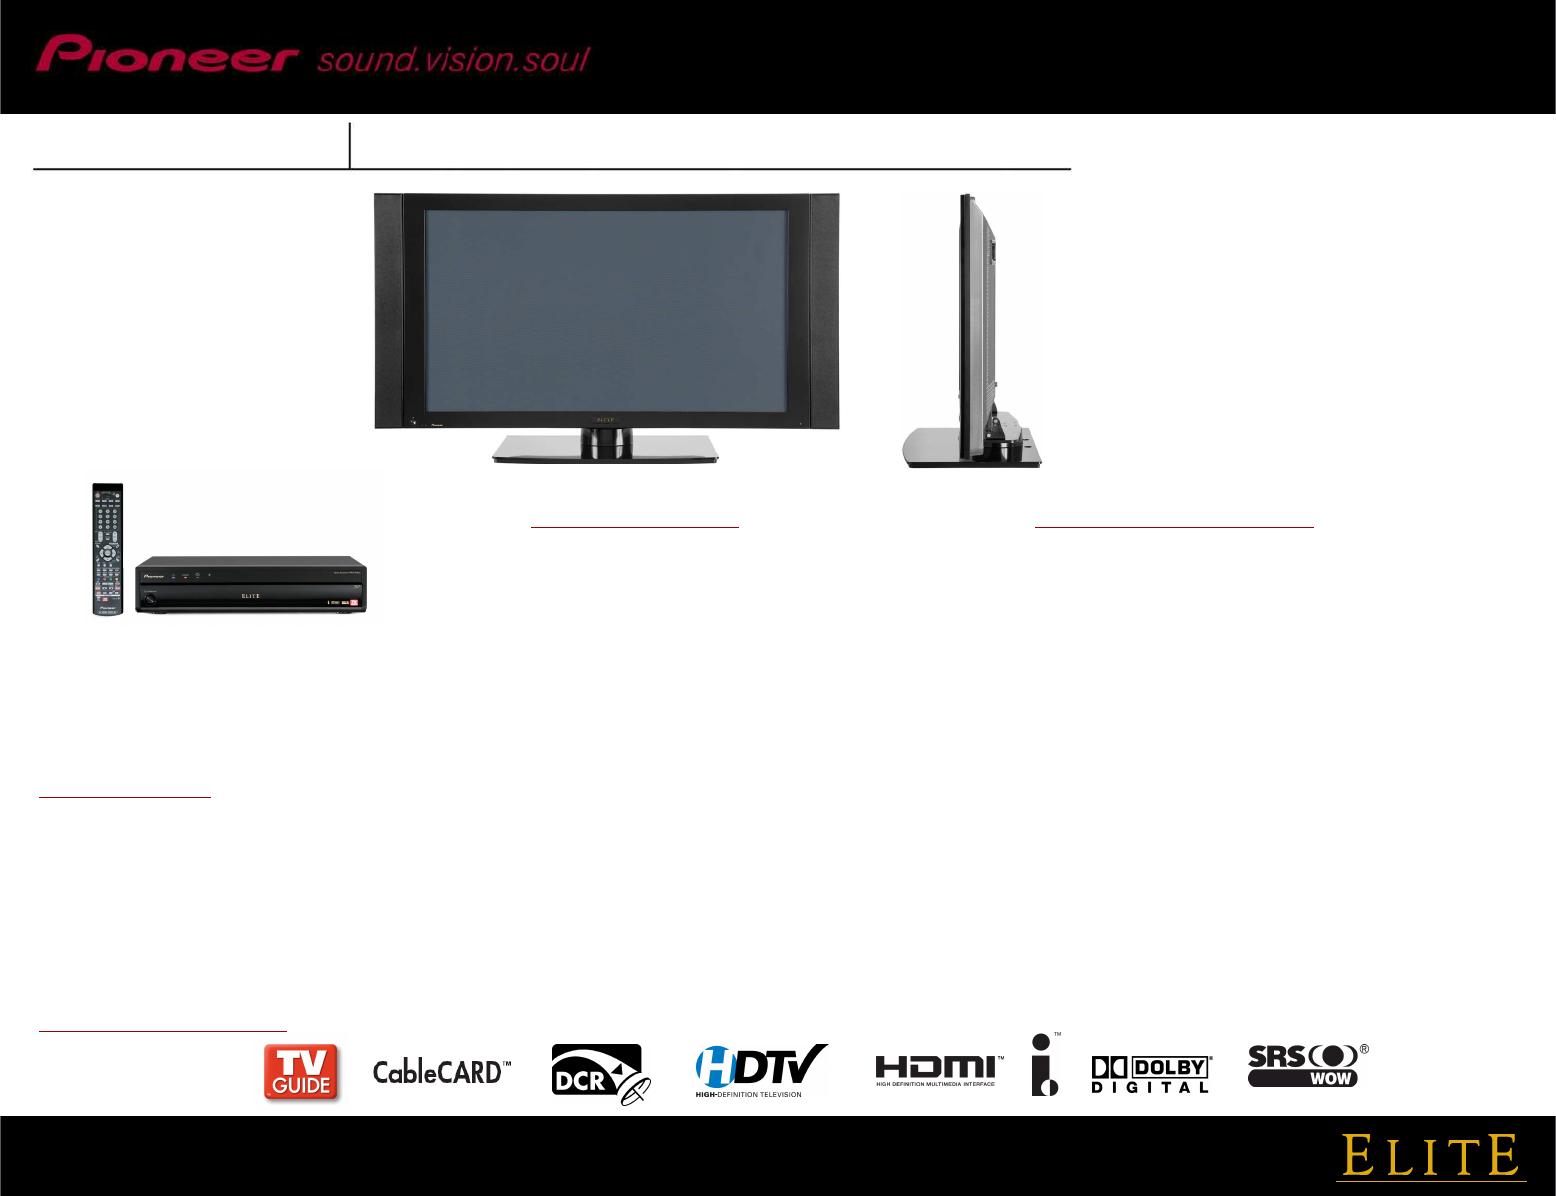 pioneer 43 high definition plasma television pro 930hd users manual rh usermanual wiki Pioneer Speakers Pioneer Games